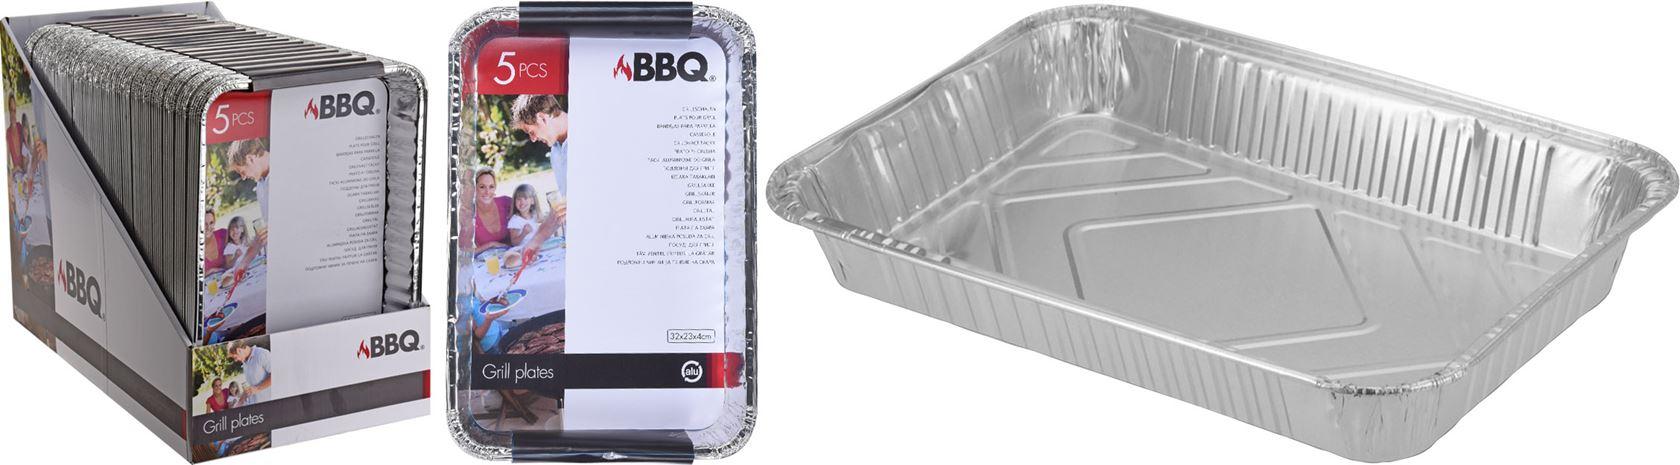 bbq schalenset (5sts)